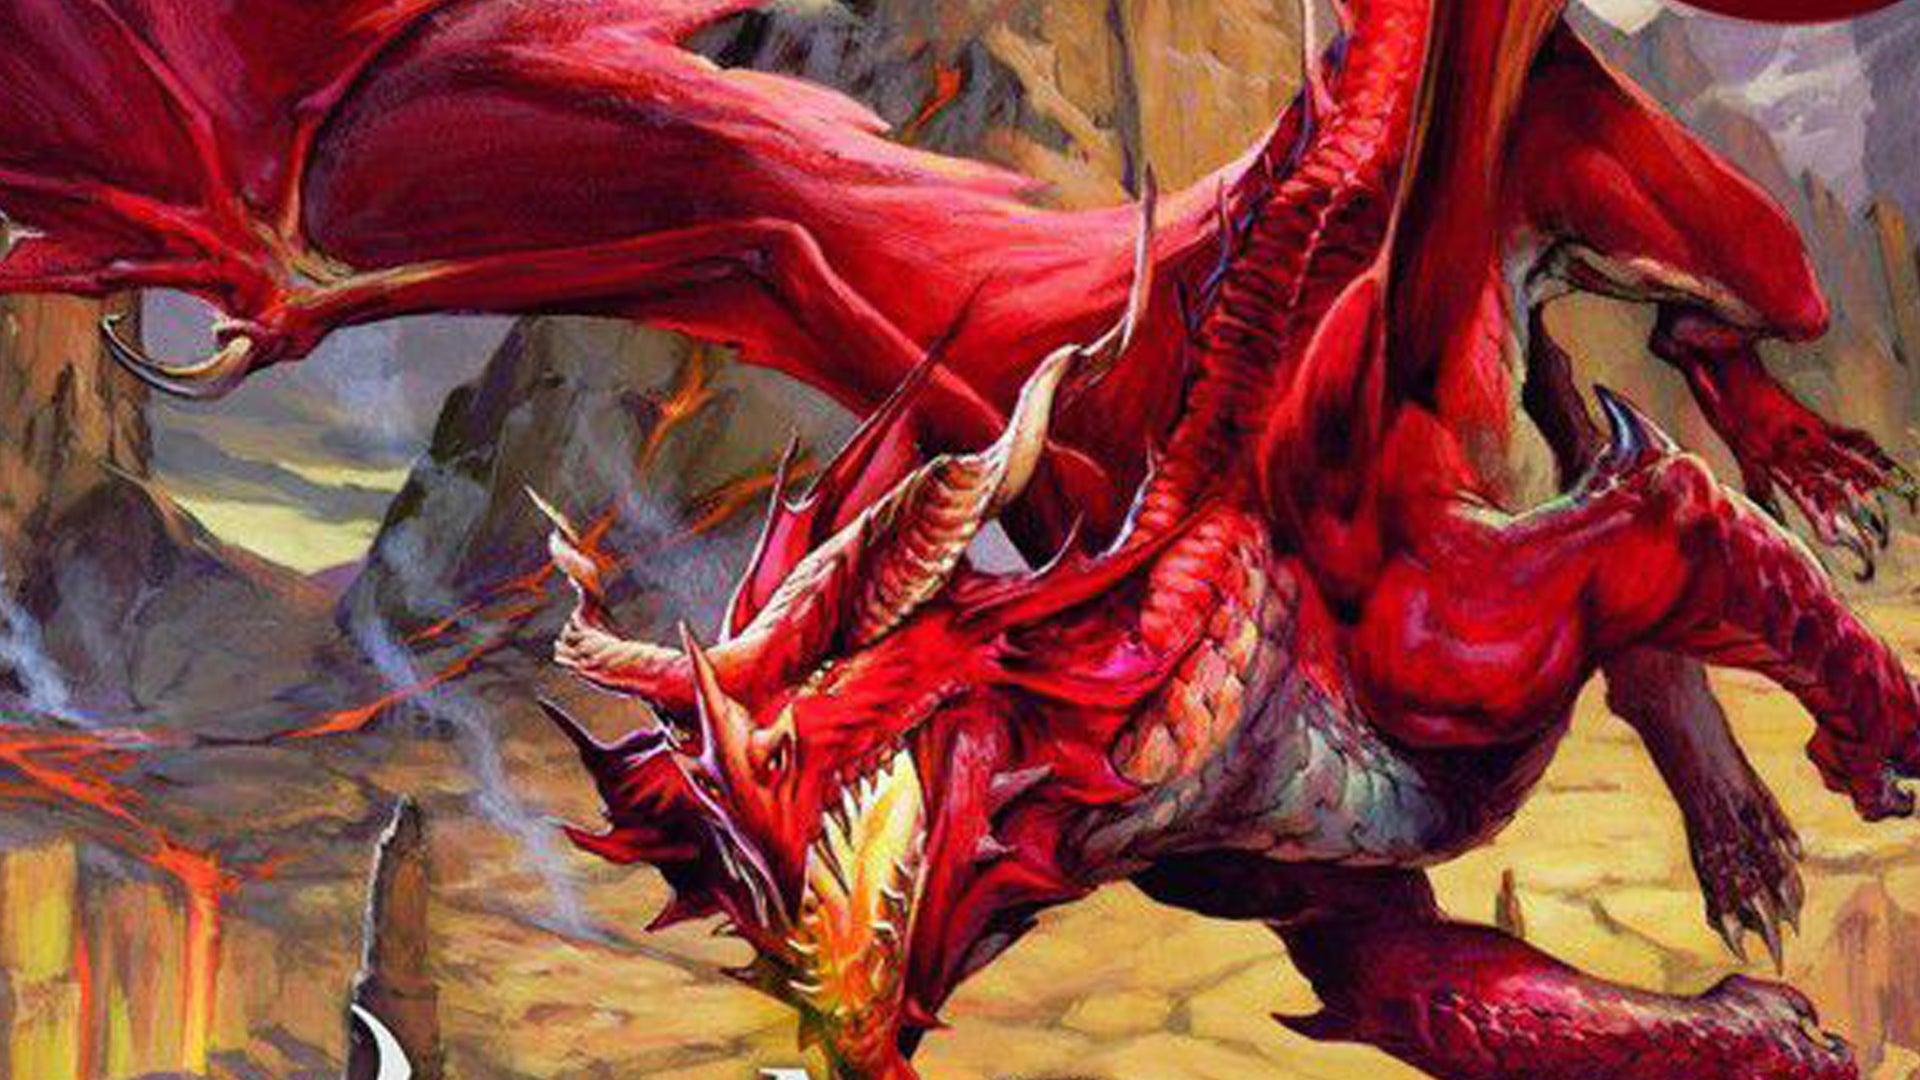 Dungeons & Dragons: Wrath of Ashardalon board game artwork